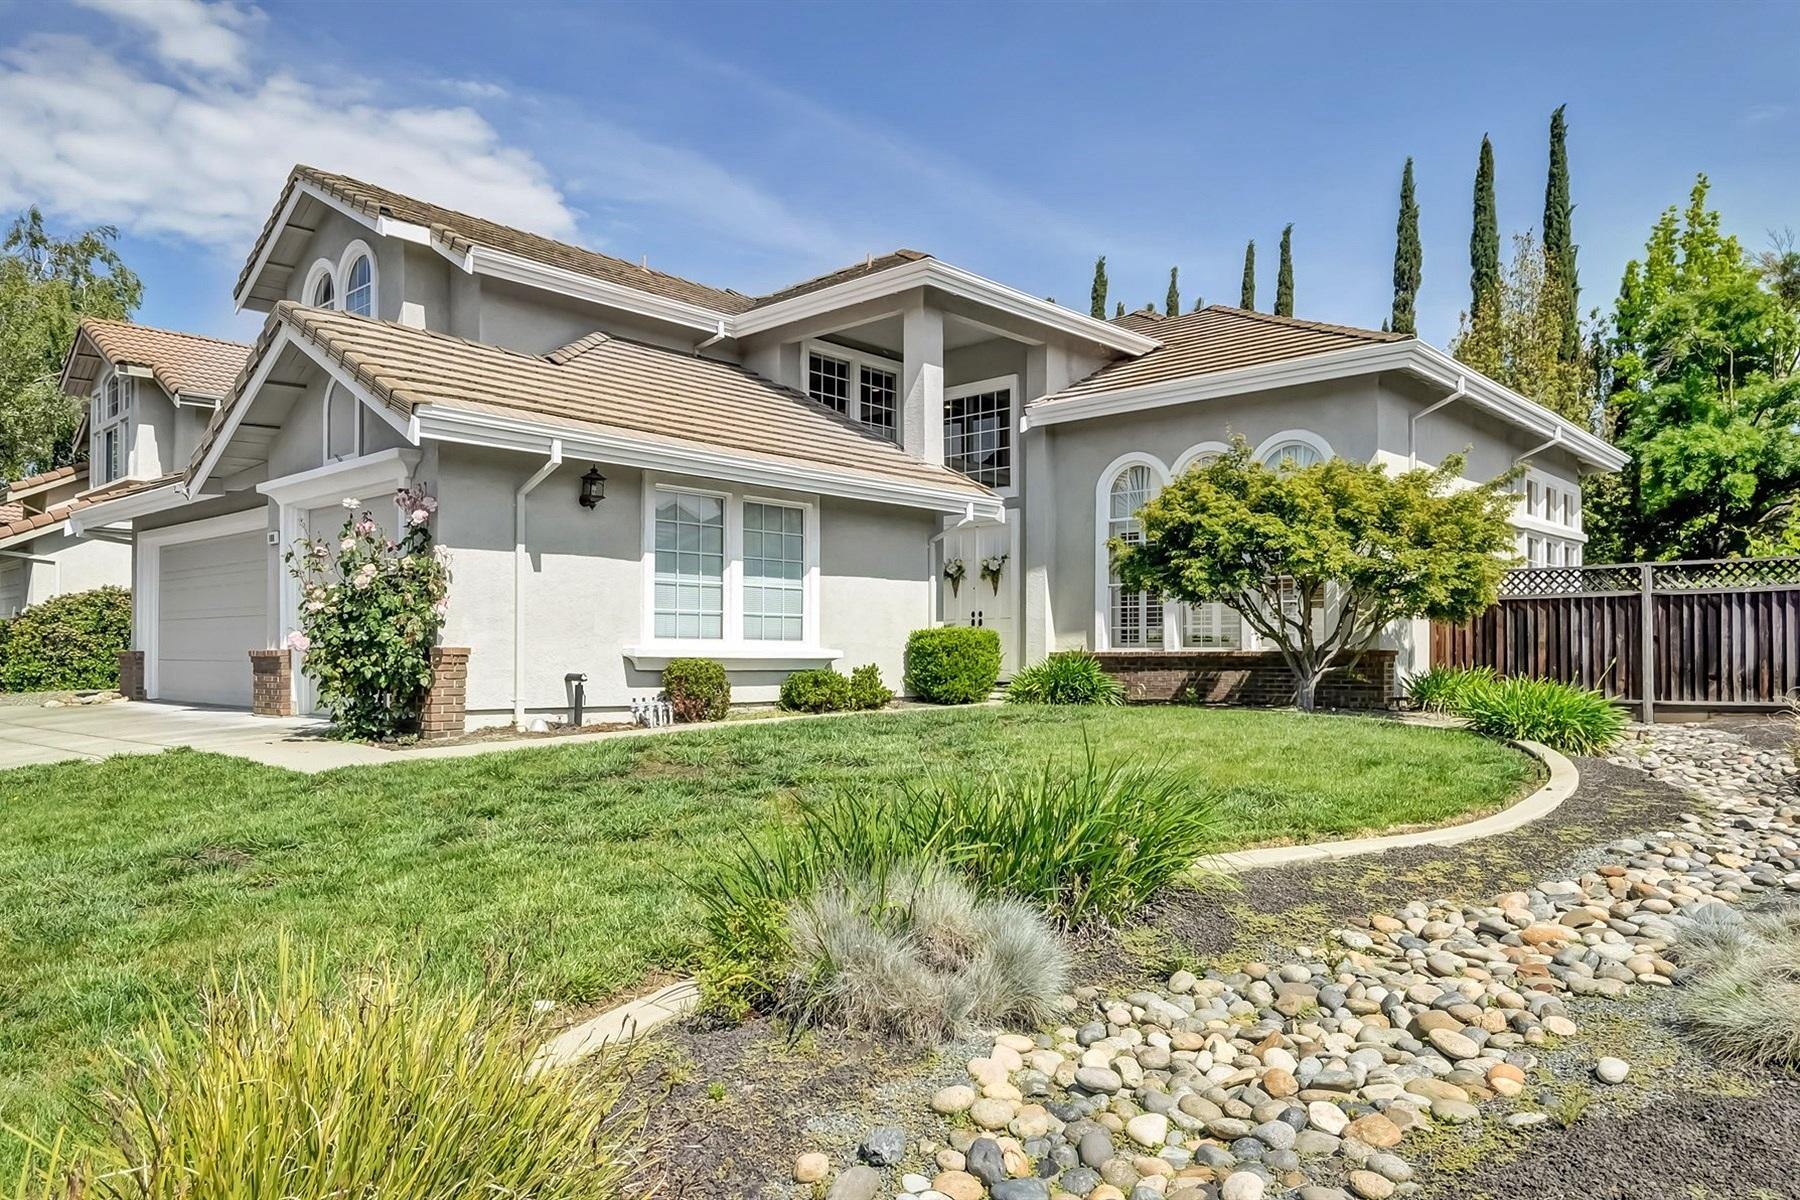 Частный односемейный дом для того Продажа на Desirable Tassajara Ranch 108 Pinnacle Ridge Court Danville, Калифорния, 94506 Соединенные Штаты